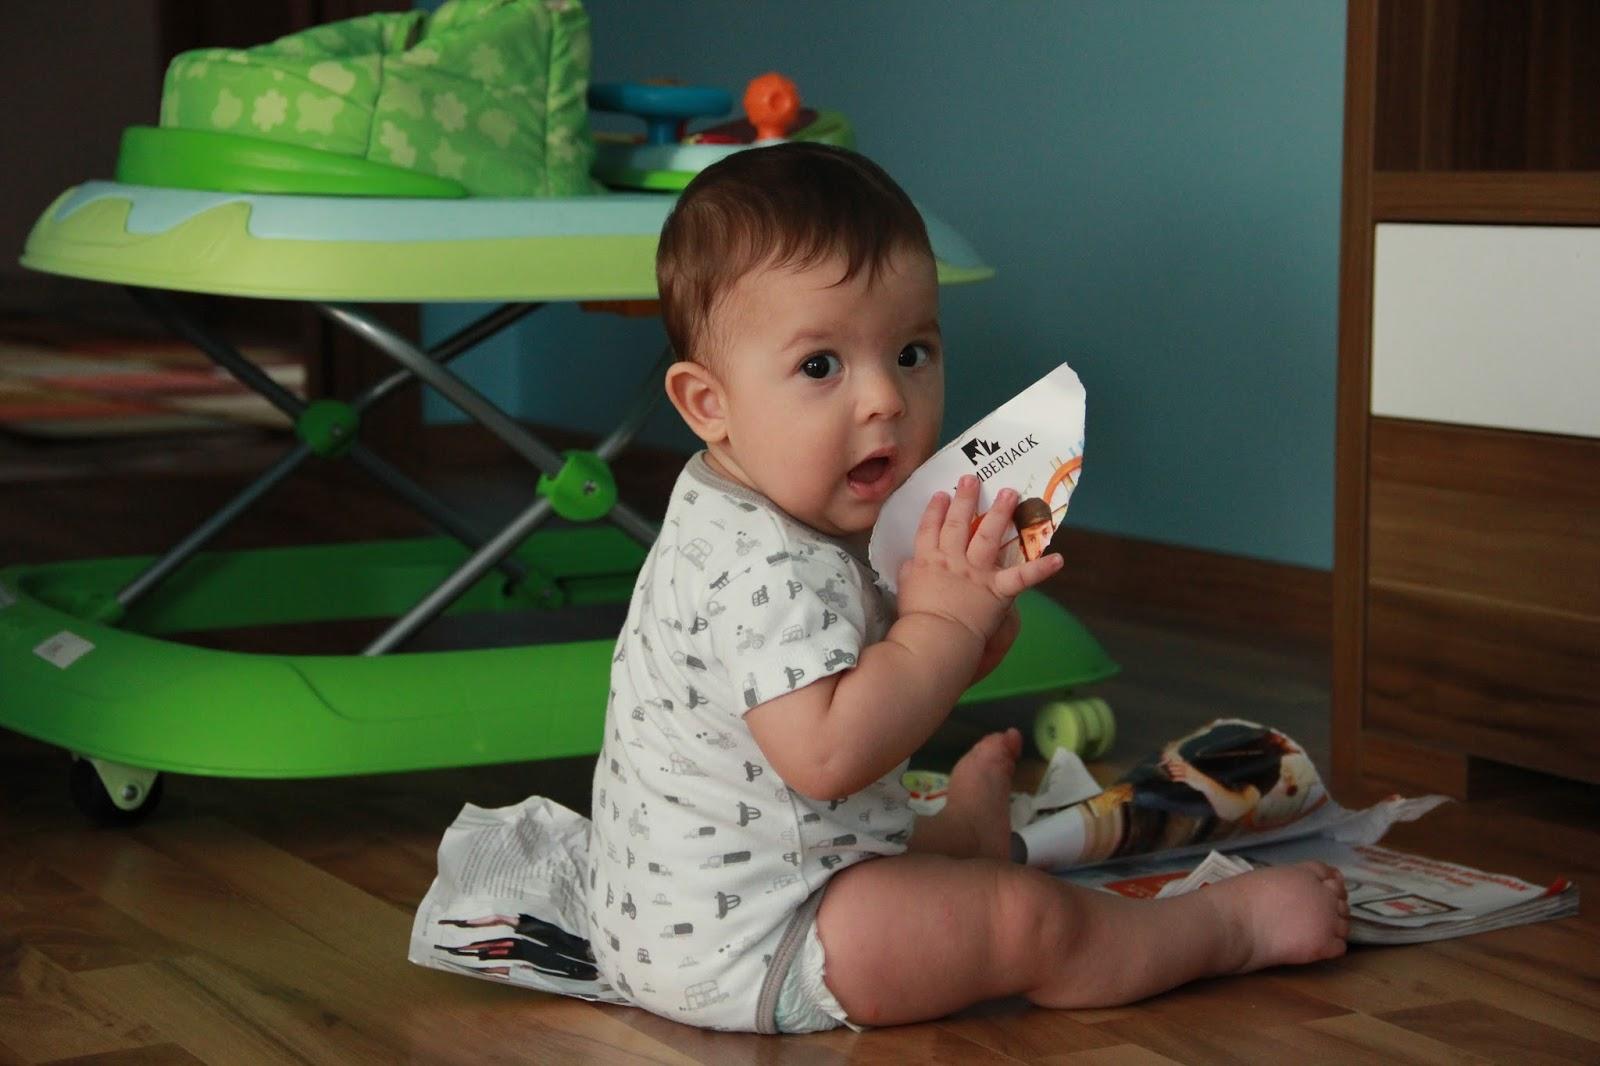 Yanlış merhem kullanımı bebeğin nefesini kesti